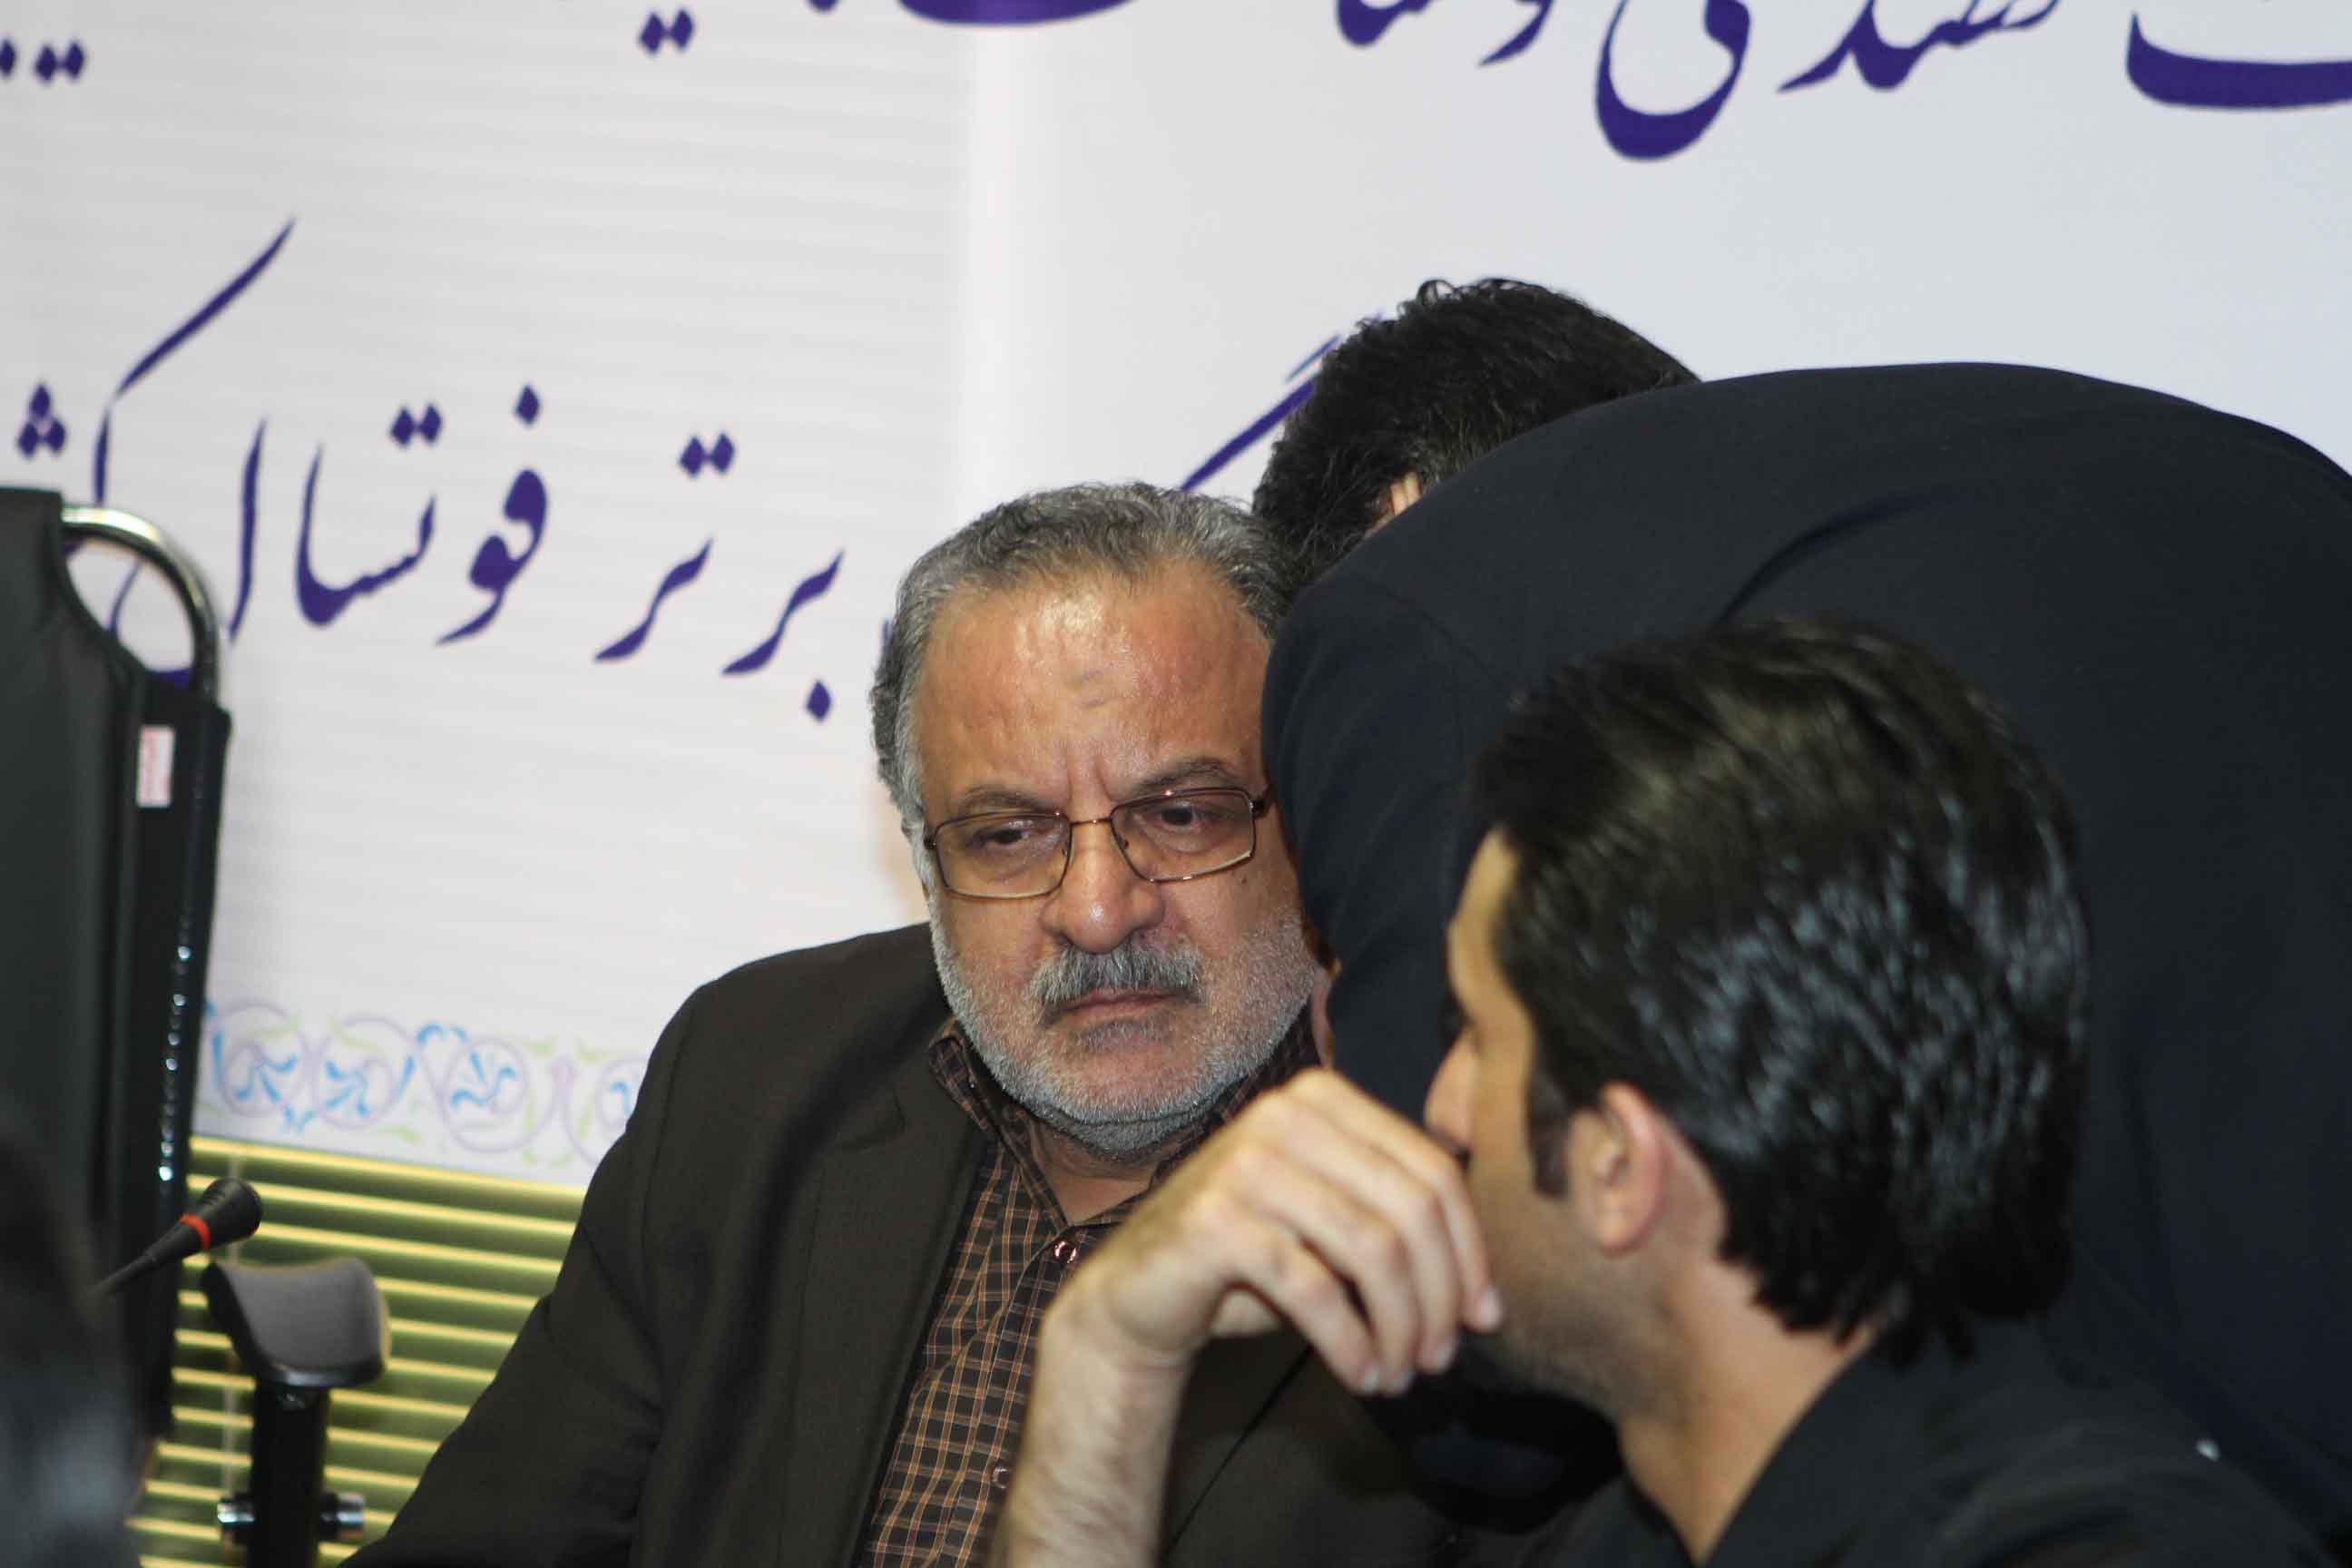 تصاویری از نشست خبری تیم تاسیسات دریایی ایران، قهرمان لیگ برتر فوتسال